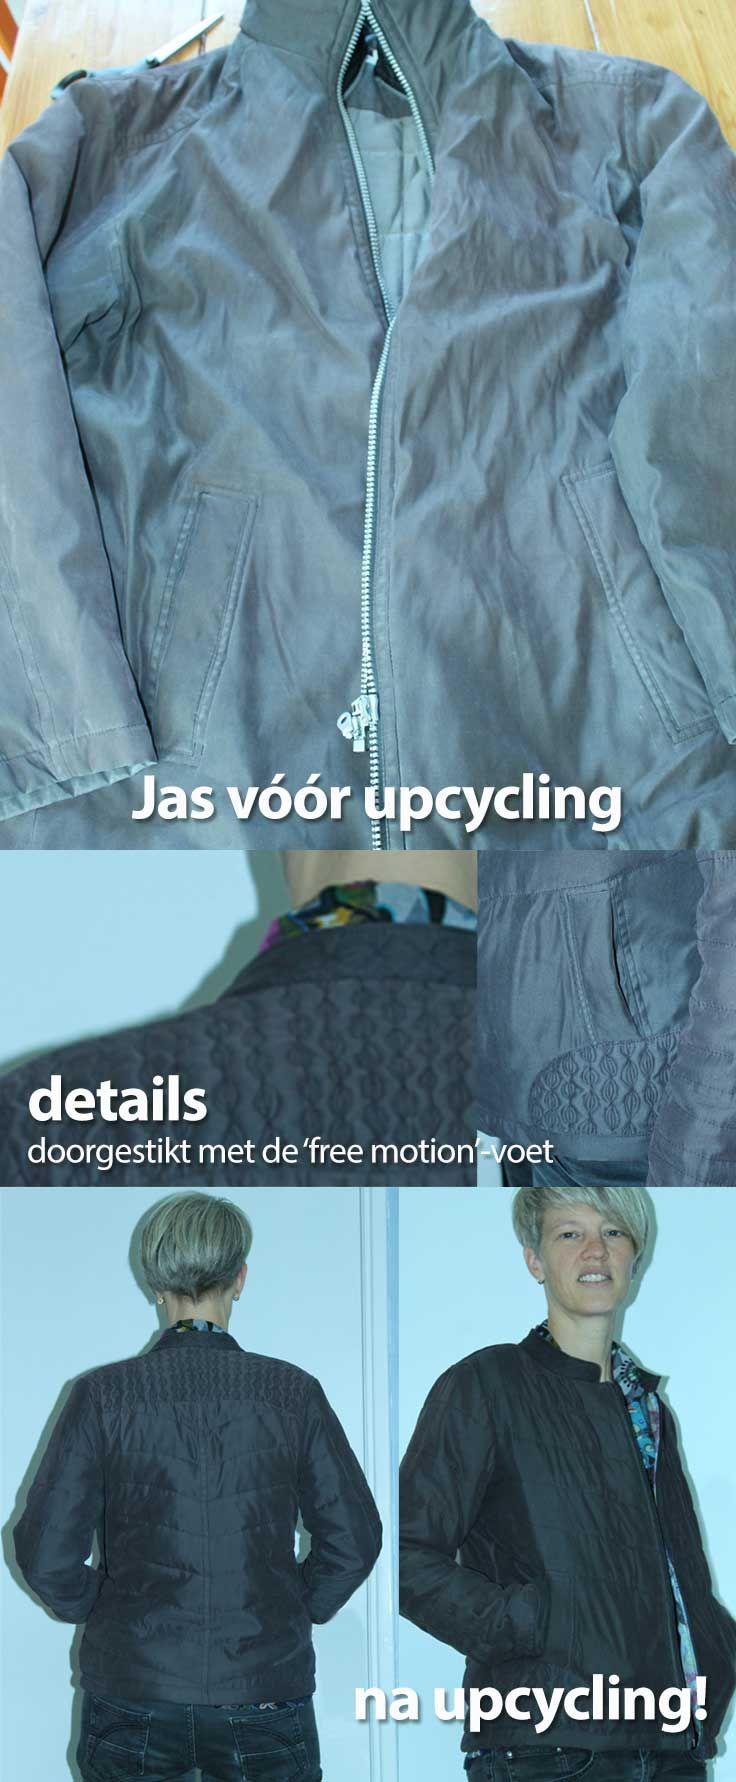 Upcycling van een oude grijze winterjas tot een hip gewatteerd jasje. Doorgestikt met free-motion stitching.